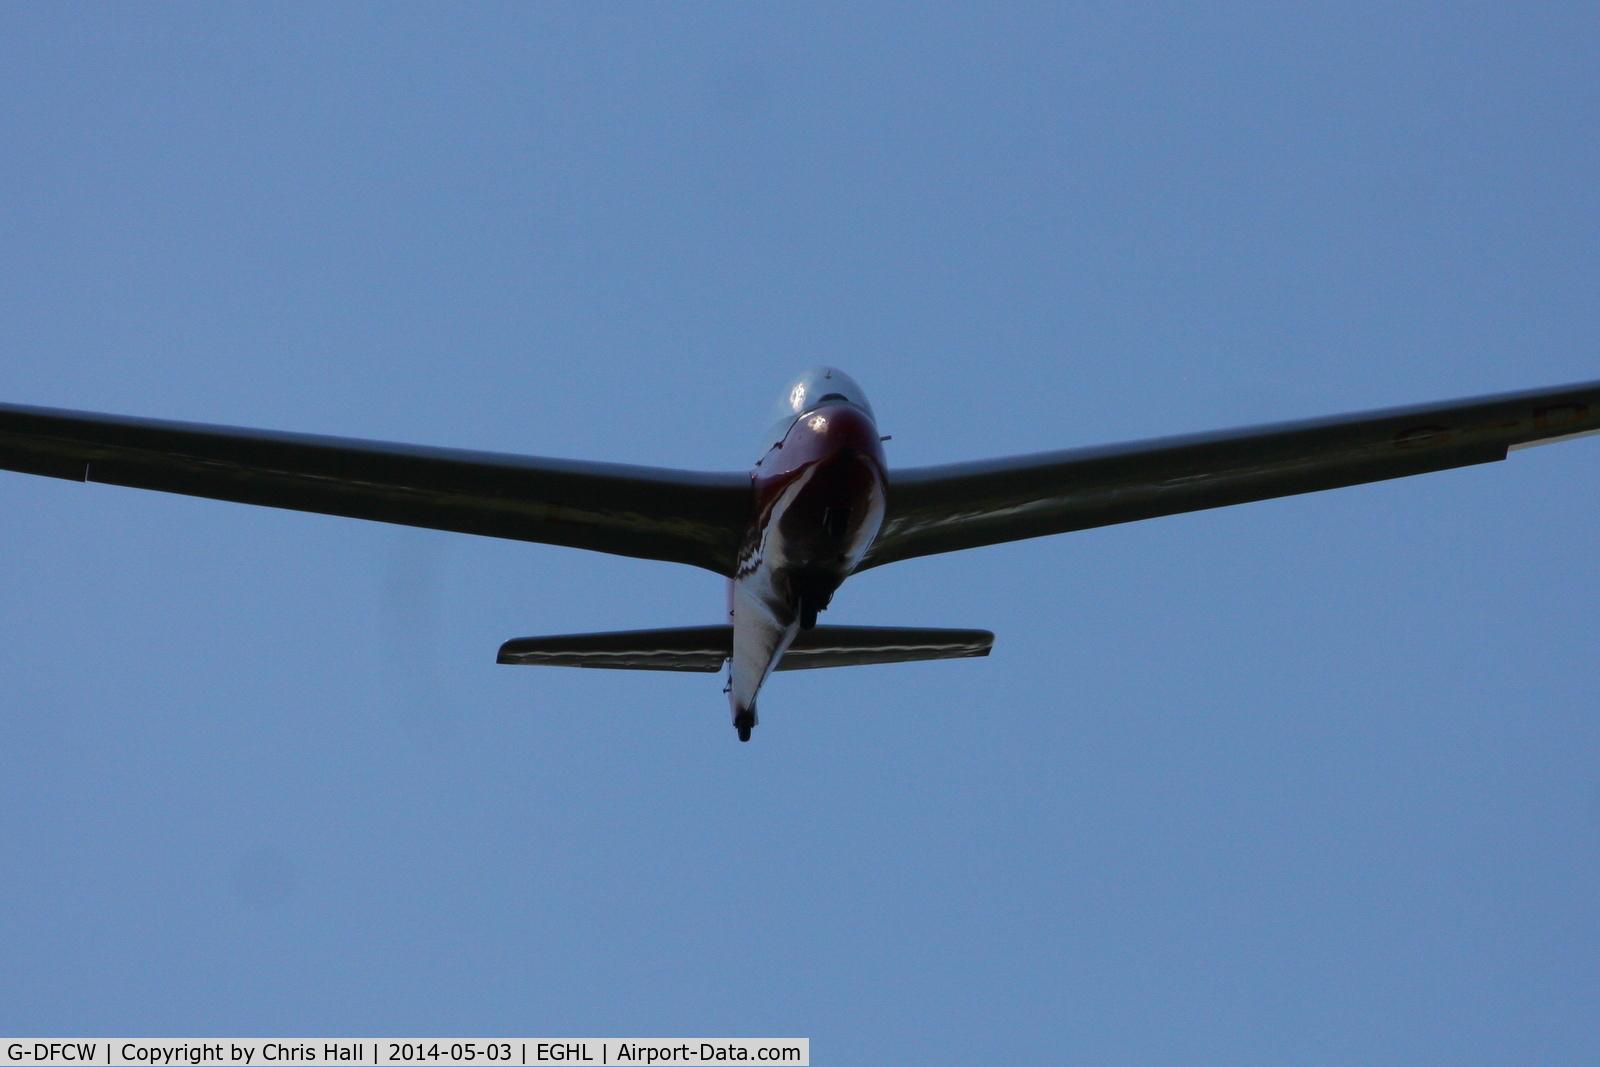 G-DFCW, 1985 Schleicher ASK-13 C/N 16342AB, at Lasham airfield